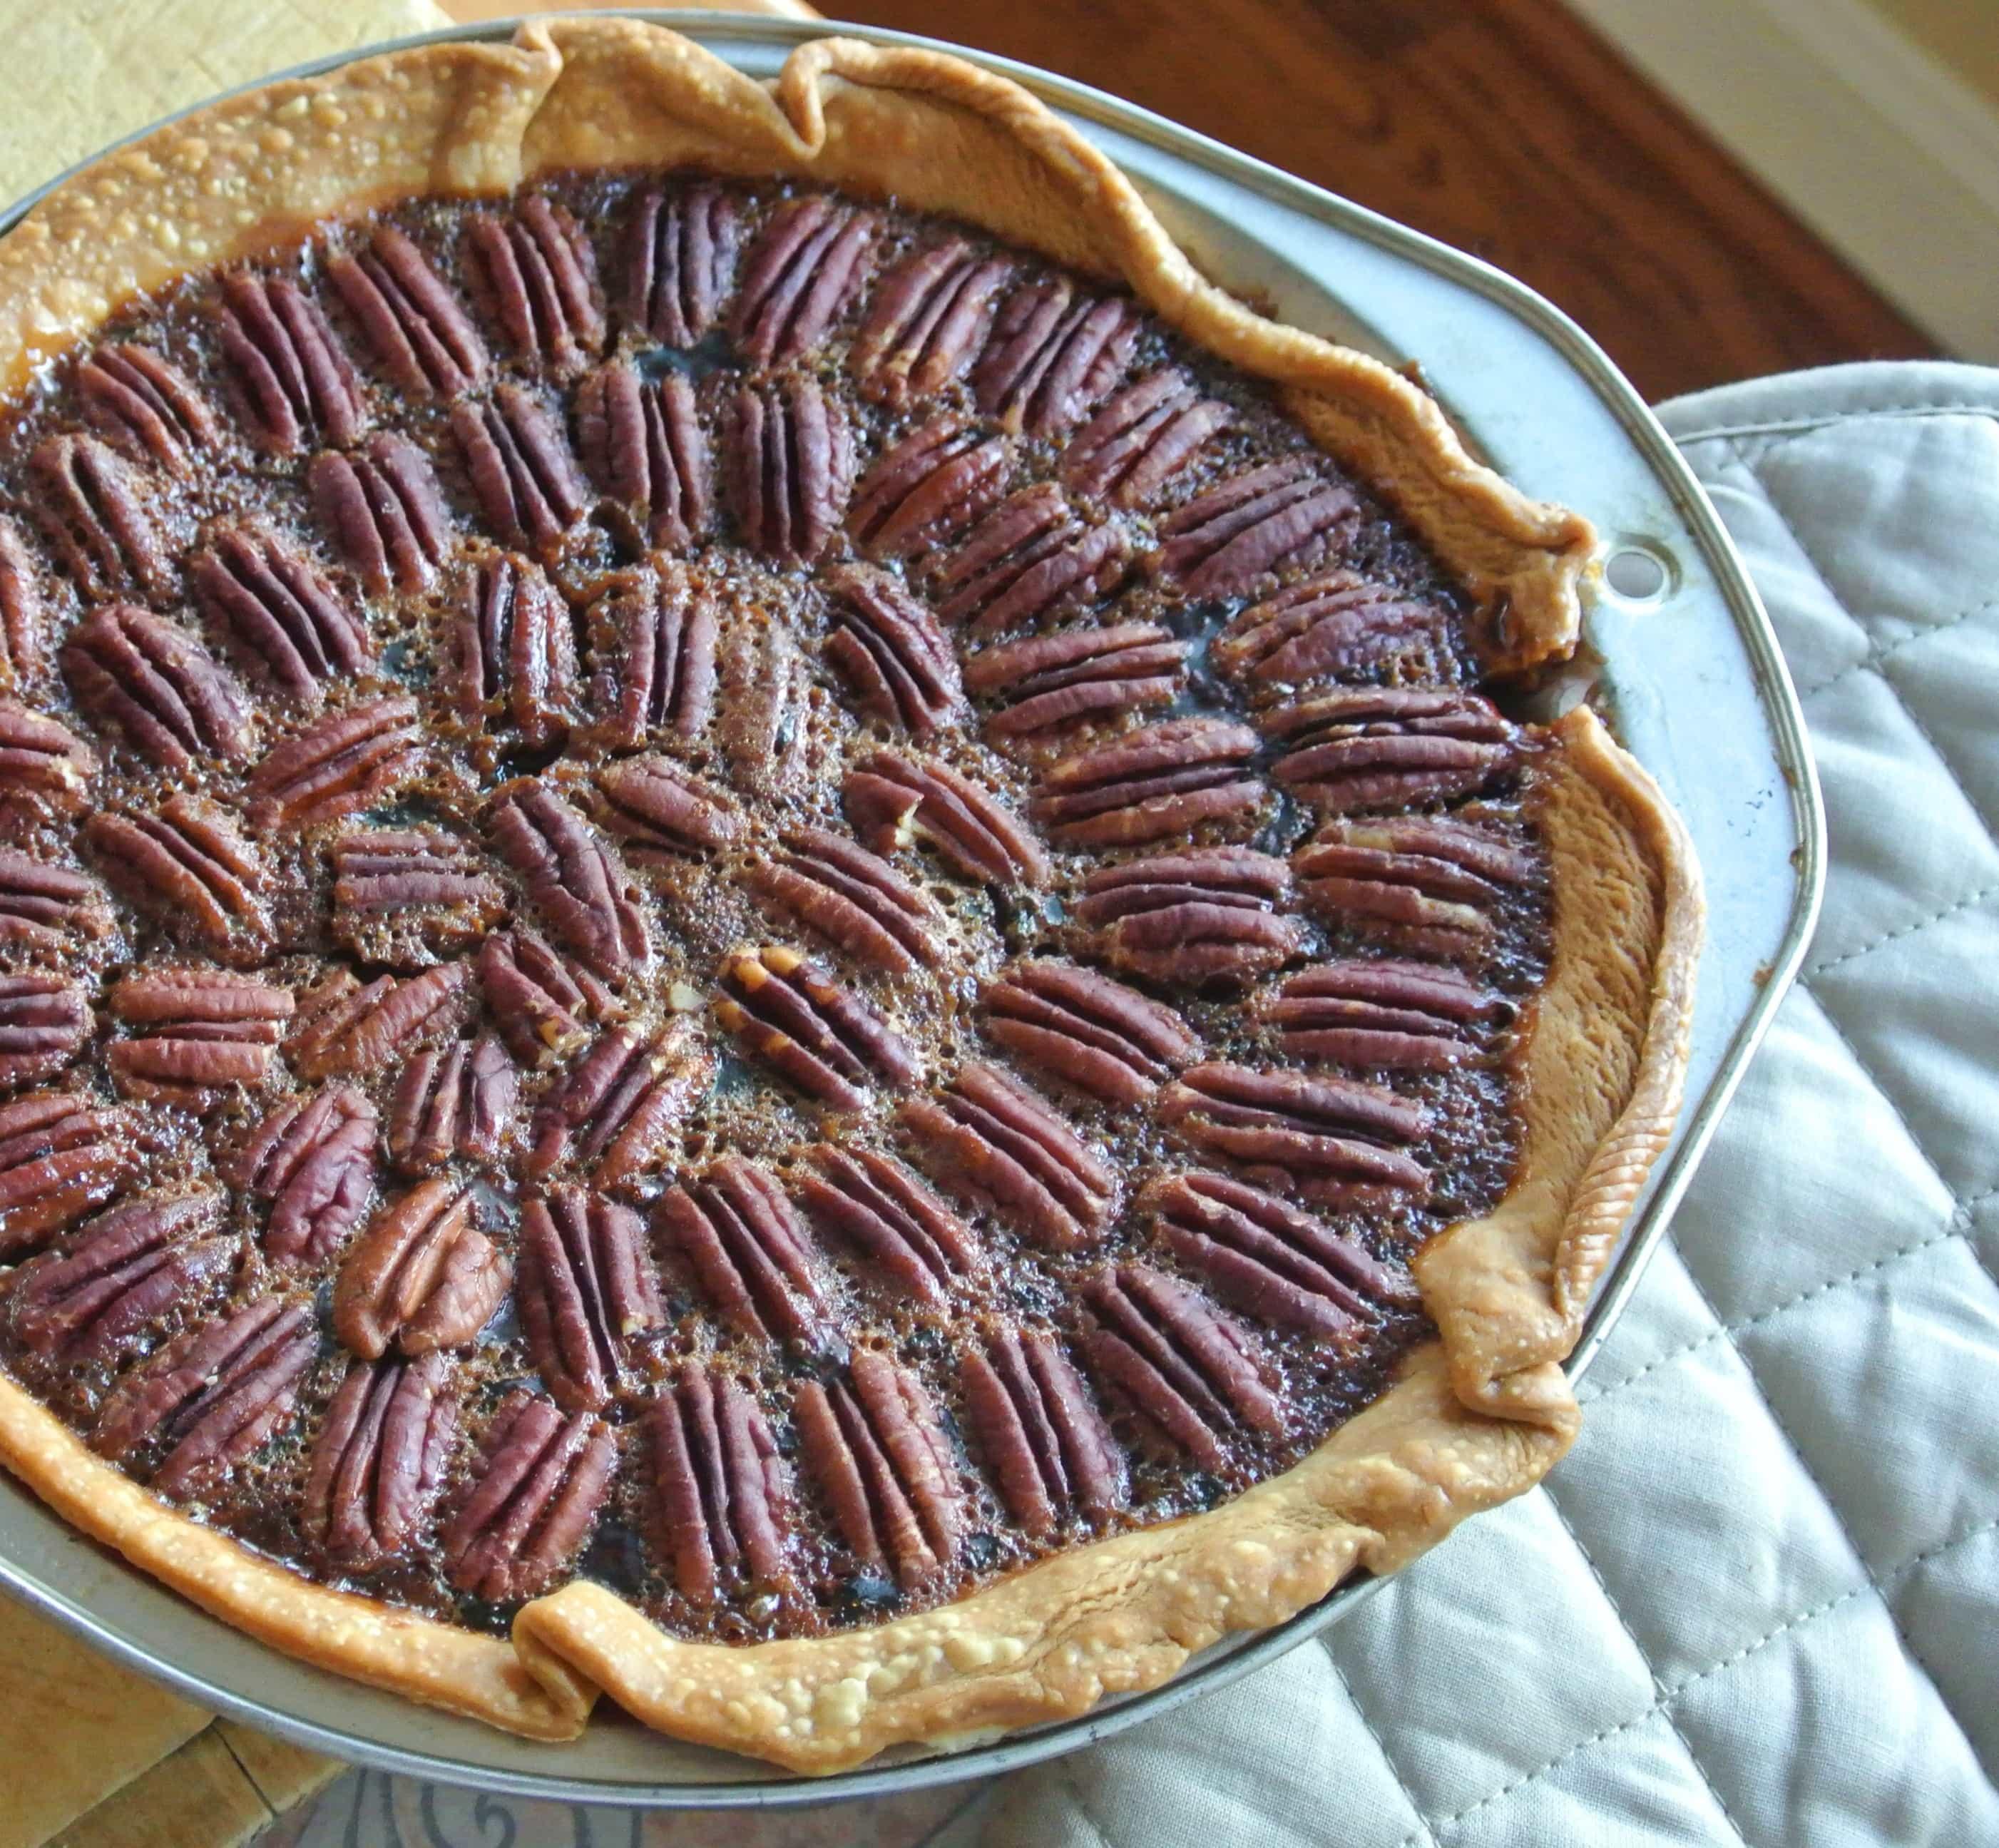 BOURBAN Chocolate Pecan Pie